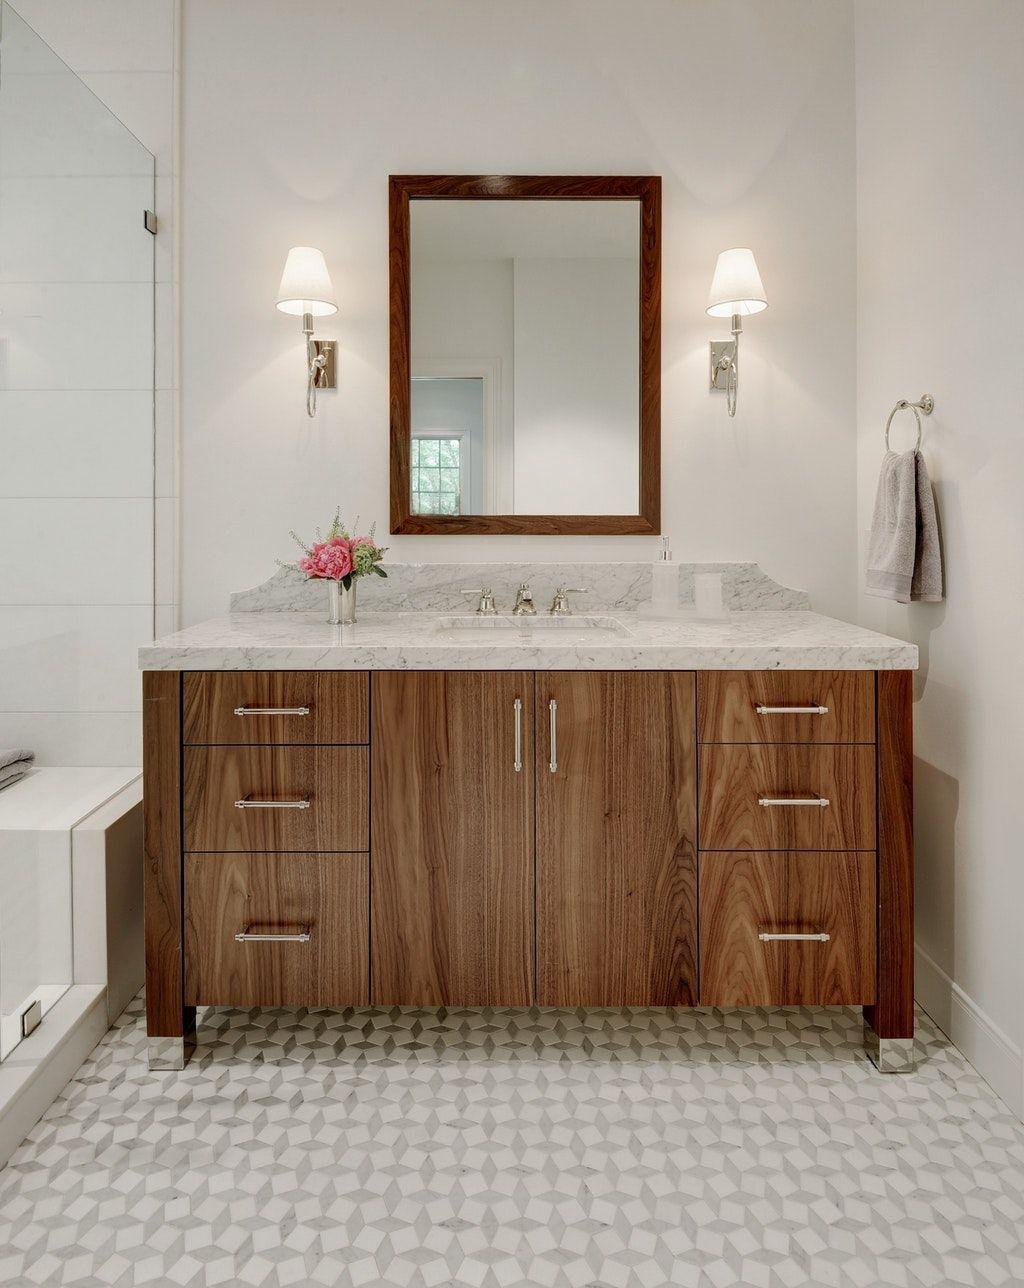 rob roy renovation austin tx alexander marchant projects rh pinterest com